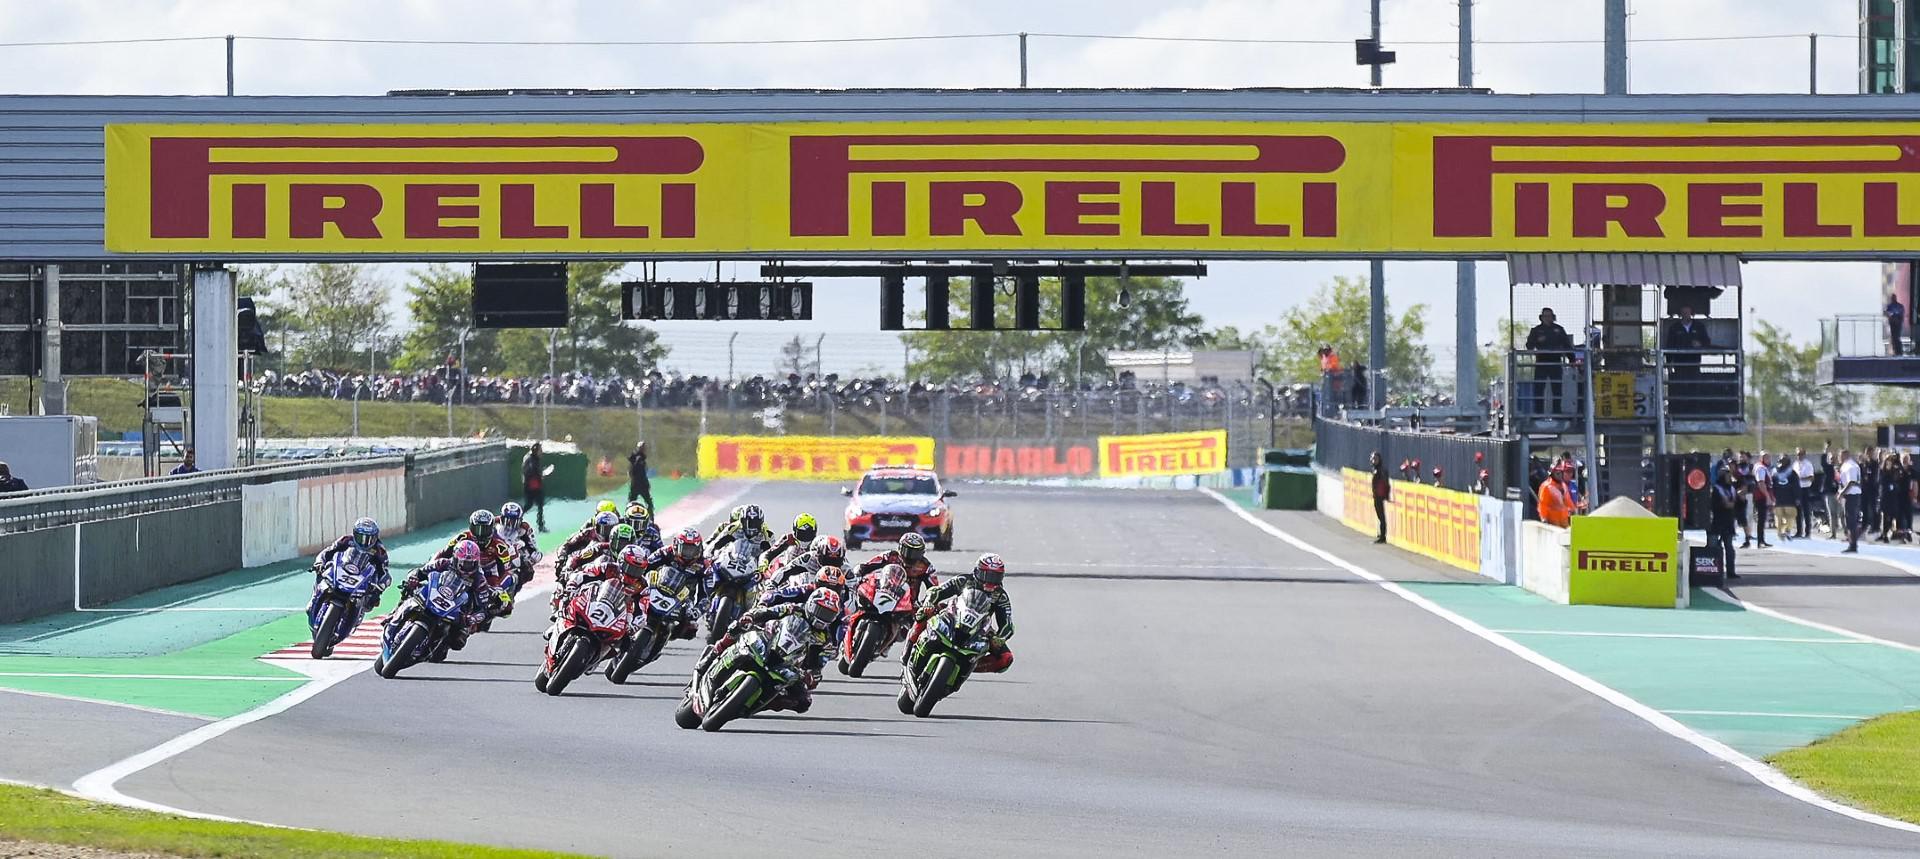 pirelli-fournisseur-officiel-pour-toutes-les-categories-du-championnat-du-monde-fim-superbike-jusqu-en-2023-1142-1.jpg